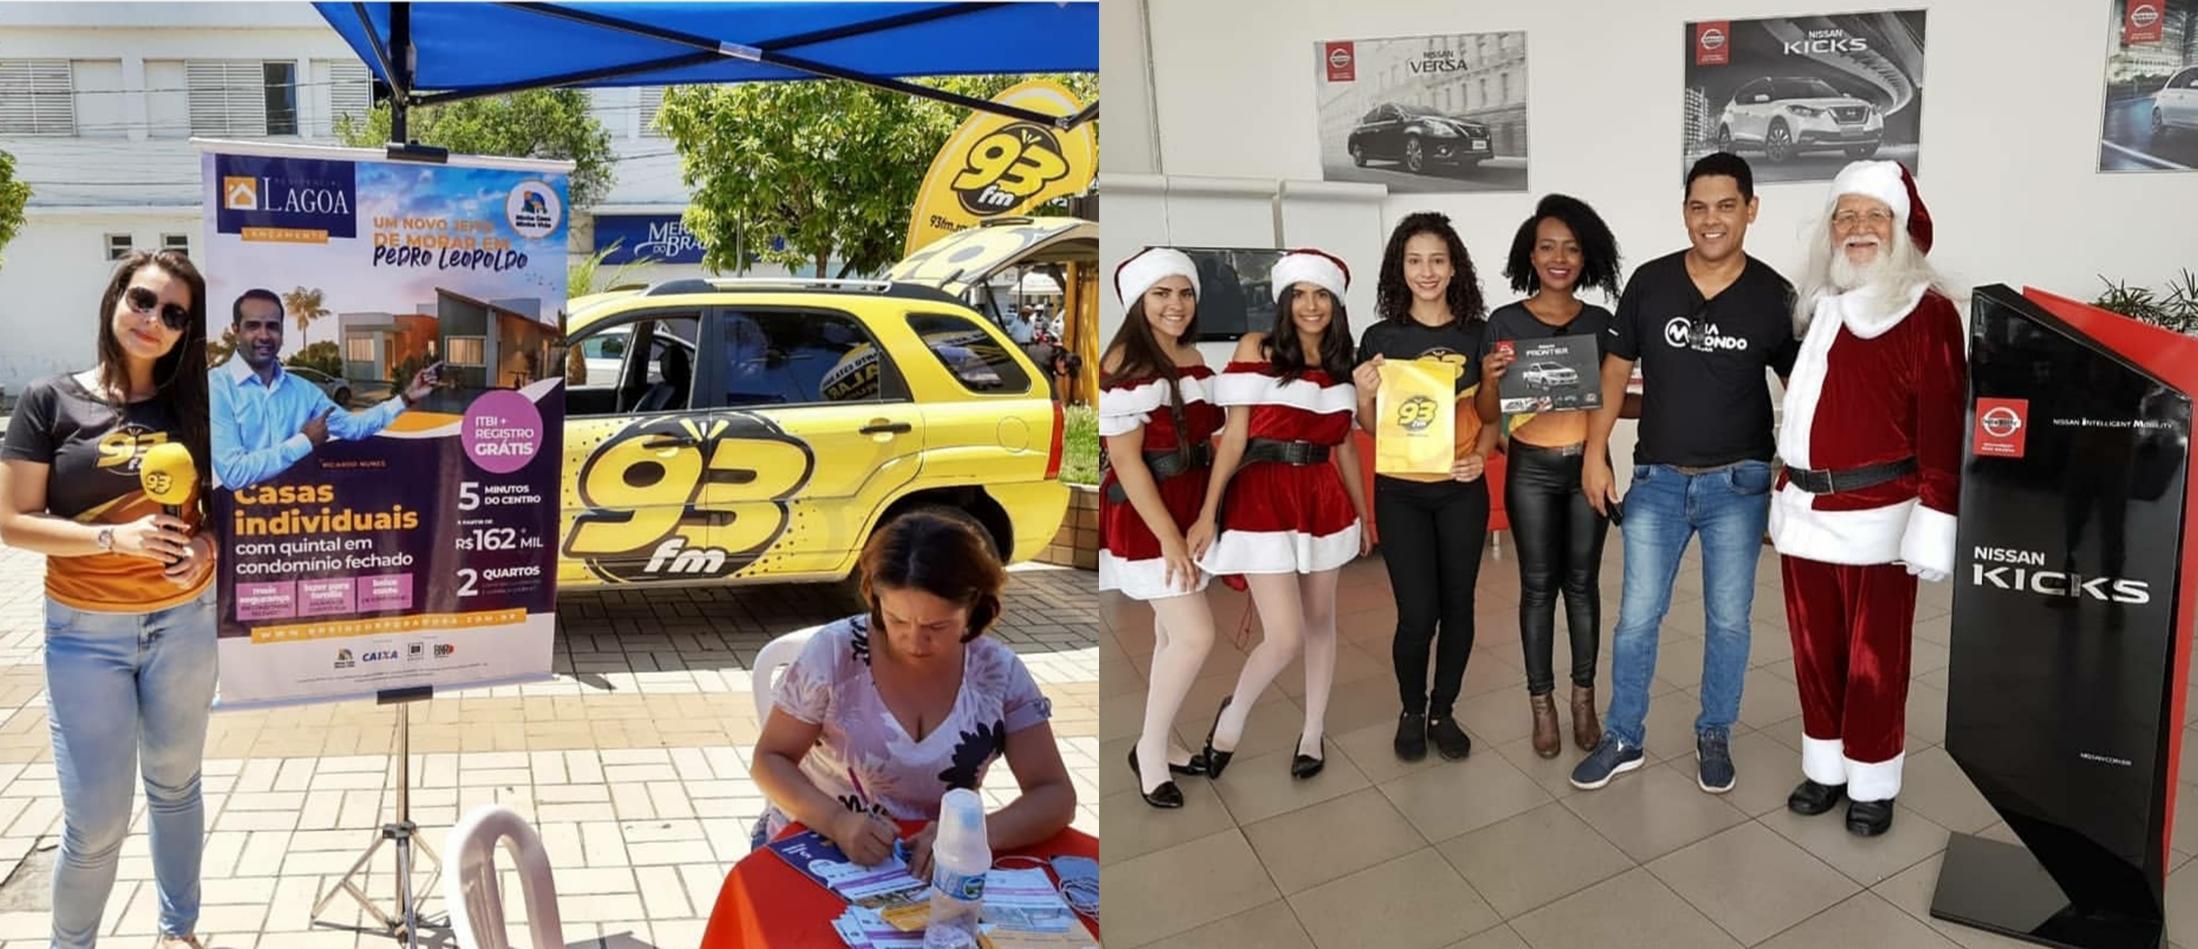 Ações 93 FM em Pedro Leopoldo e Sete Lagoas